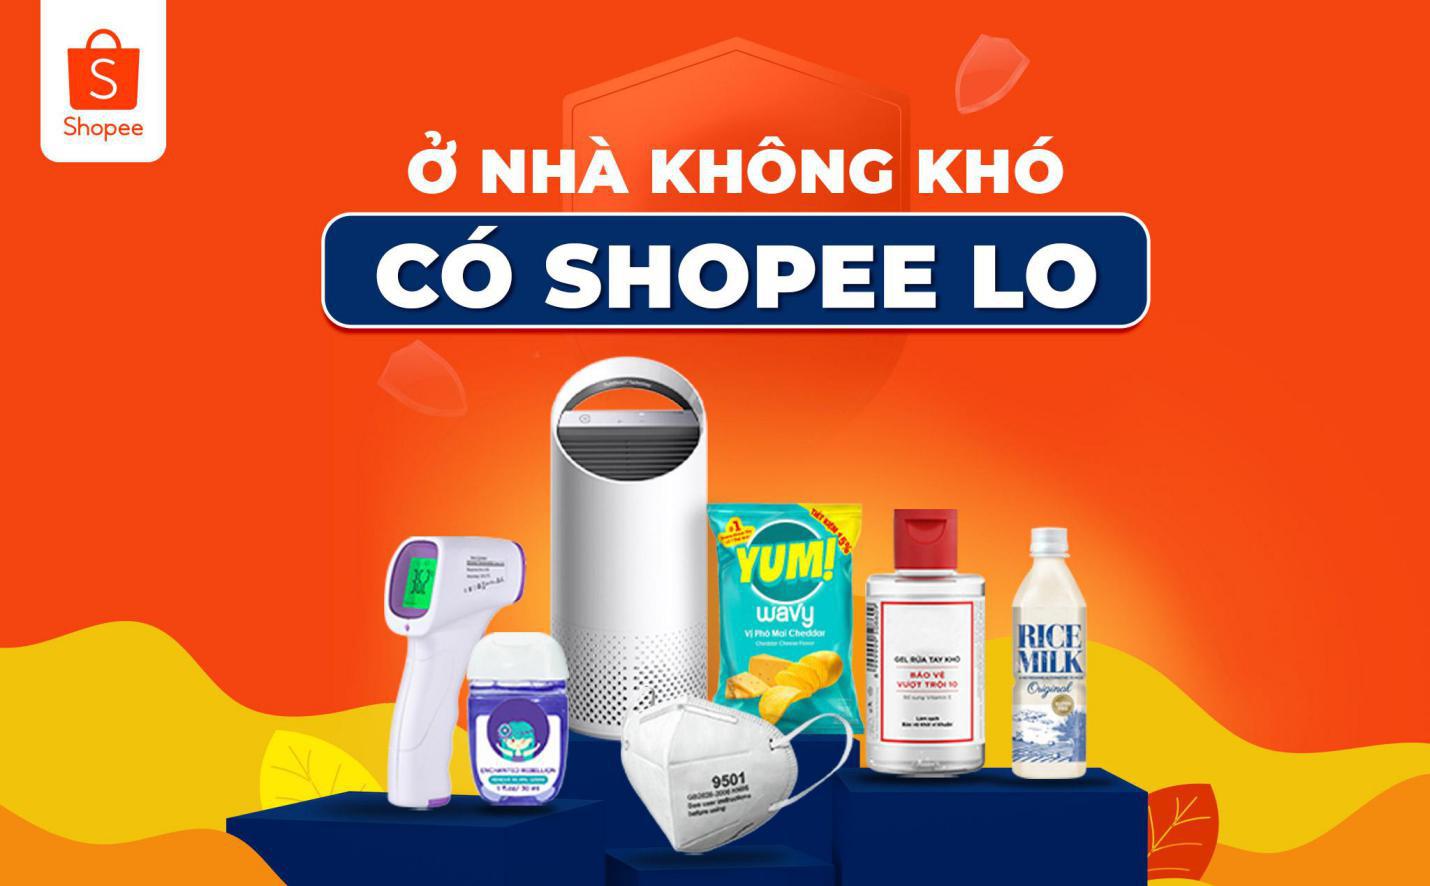 Shopee giới thiệu chương trình ưu đãi giúp người dùng dễ dàng tiếp cận và mua sắm hàng hóa thiết yếu - Ảnh 1.